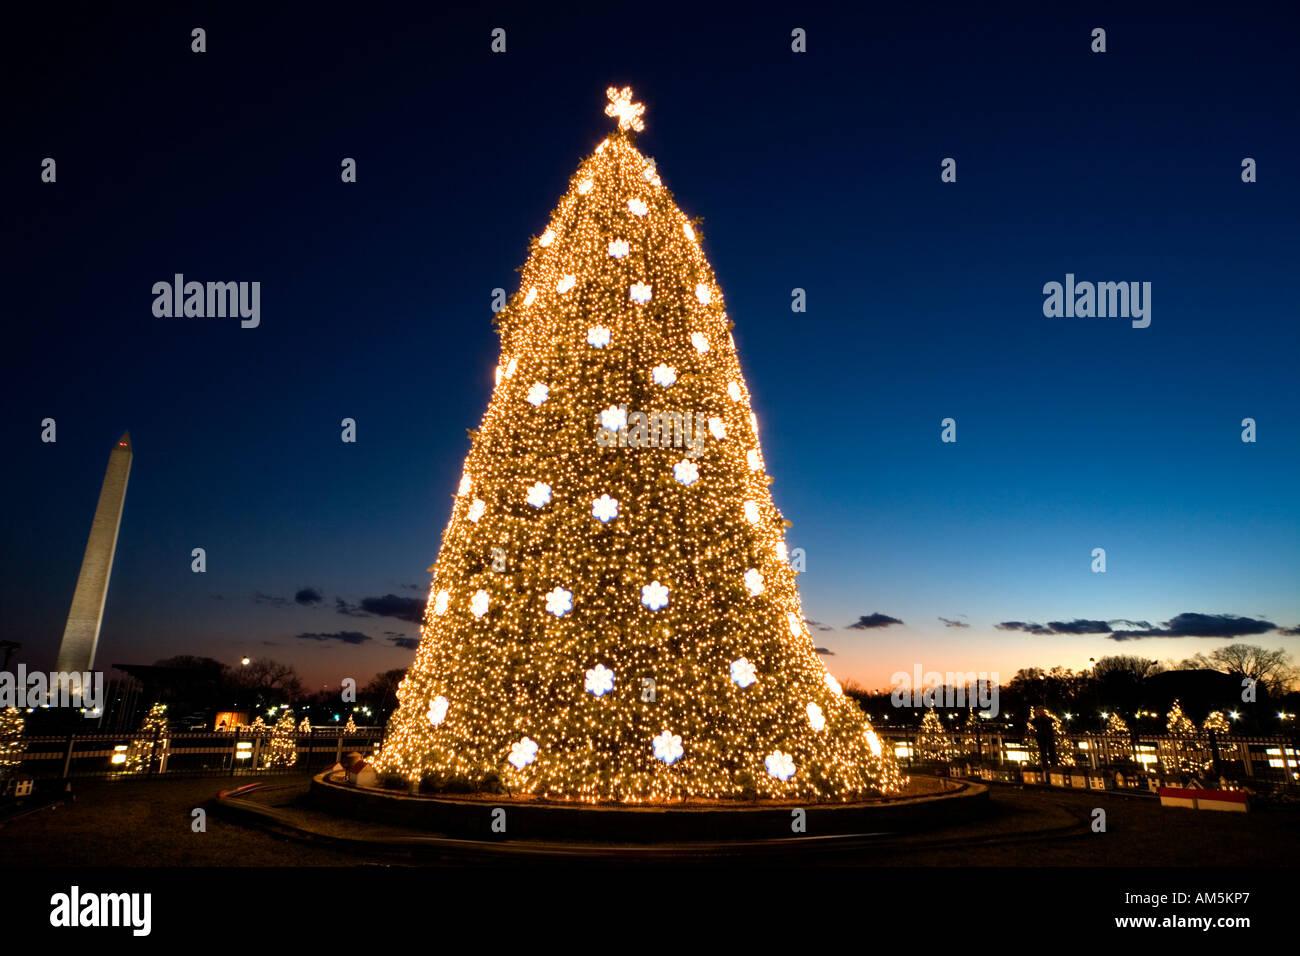 Christmas Tree Washington Part 32 The Tree Lighting Home  - Visiting The National Christmas Tree